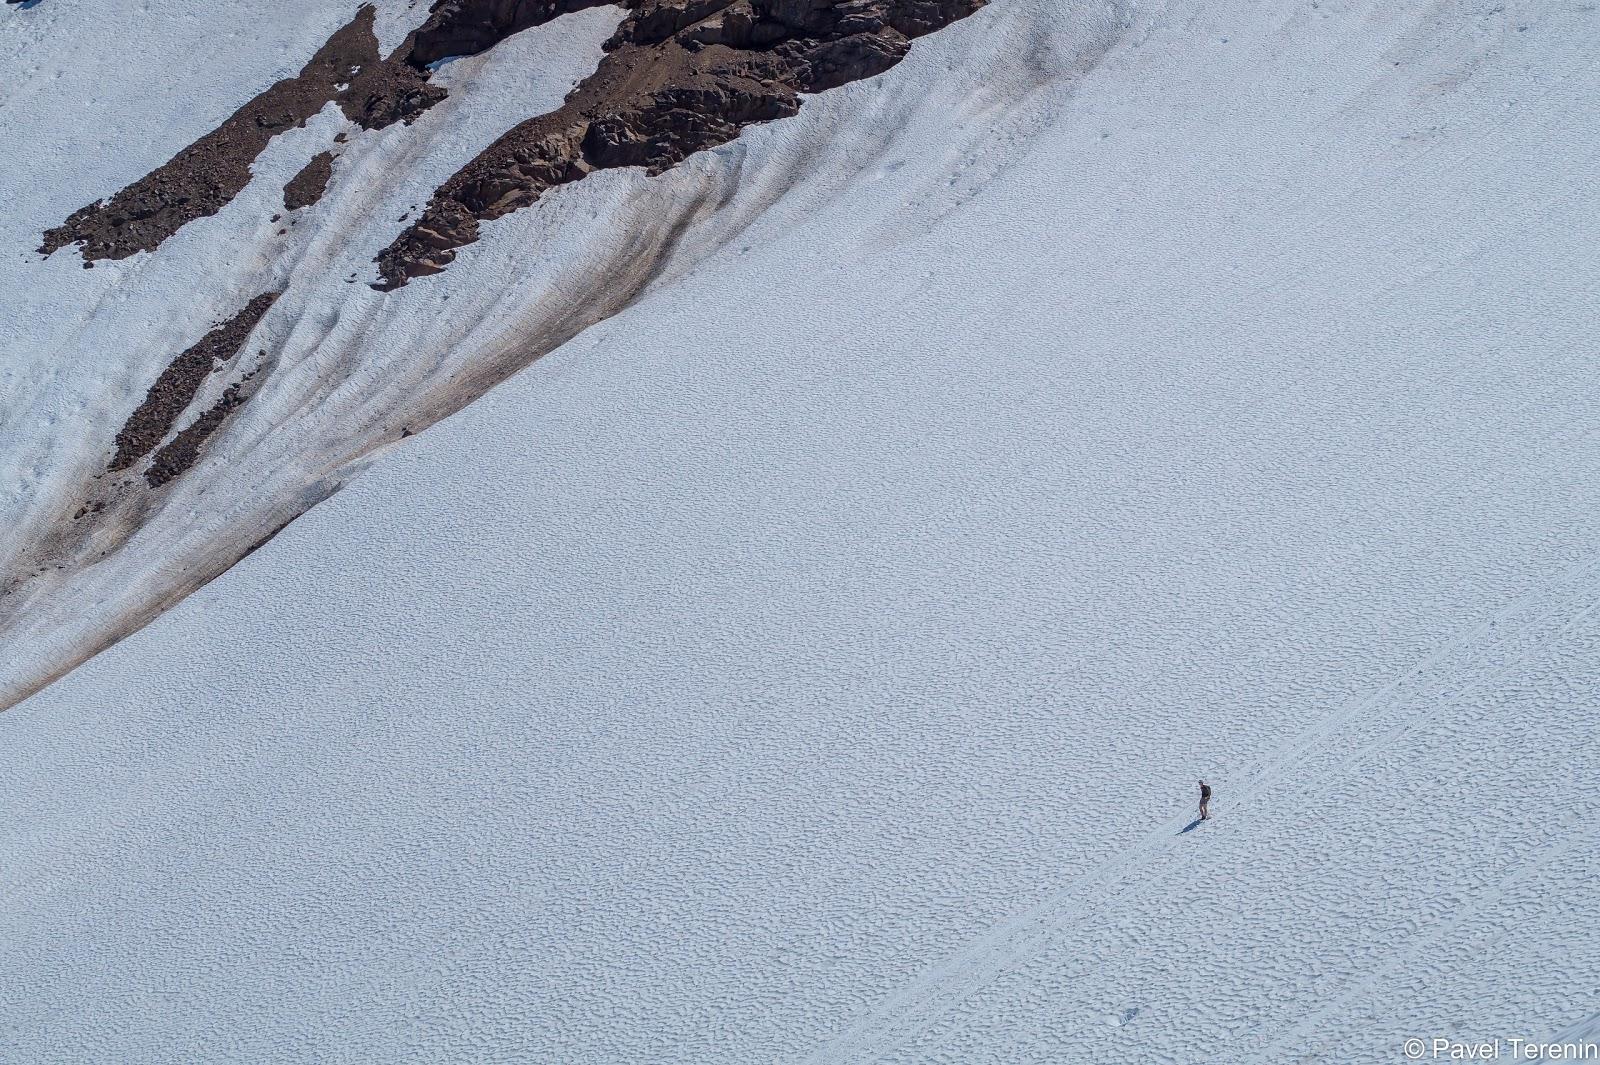 """Следующая фотография может дать представление о масштабах нашей снежной """"горки""""."""